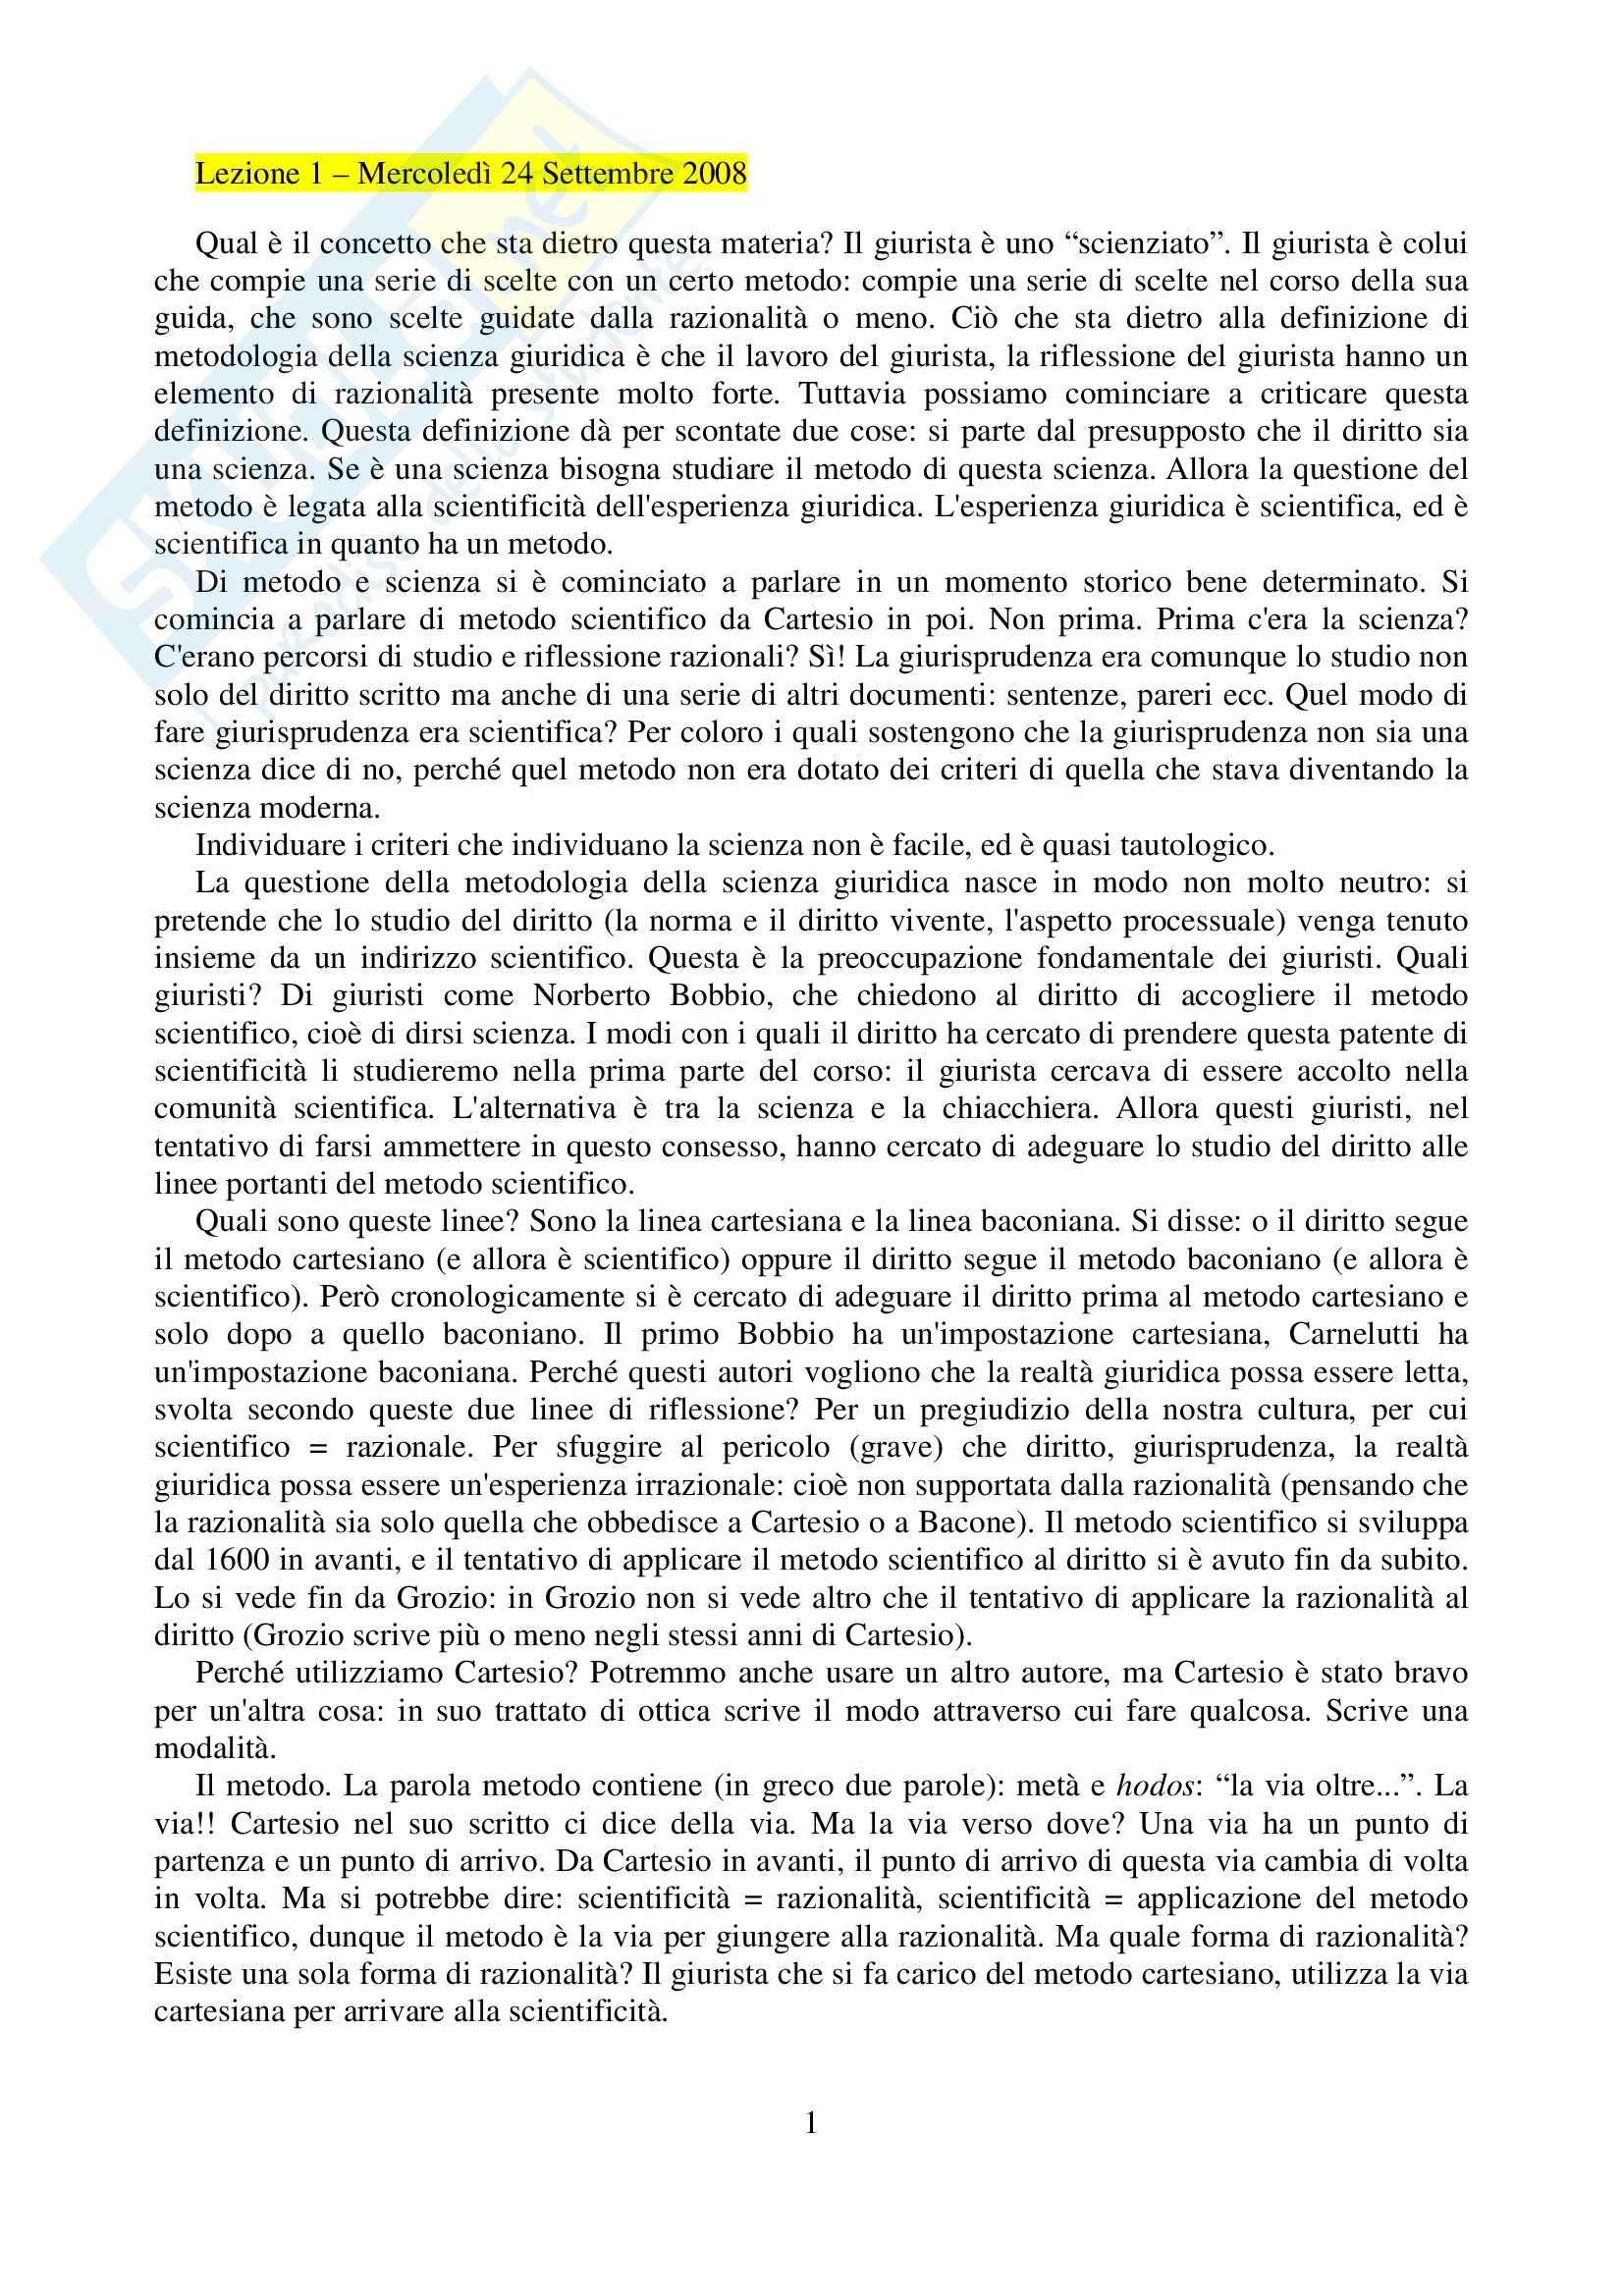 Metodologia della scienza giuridica - Appunti